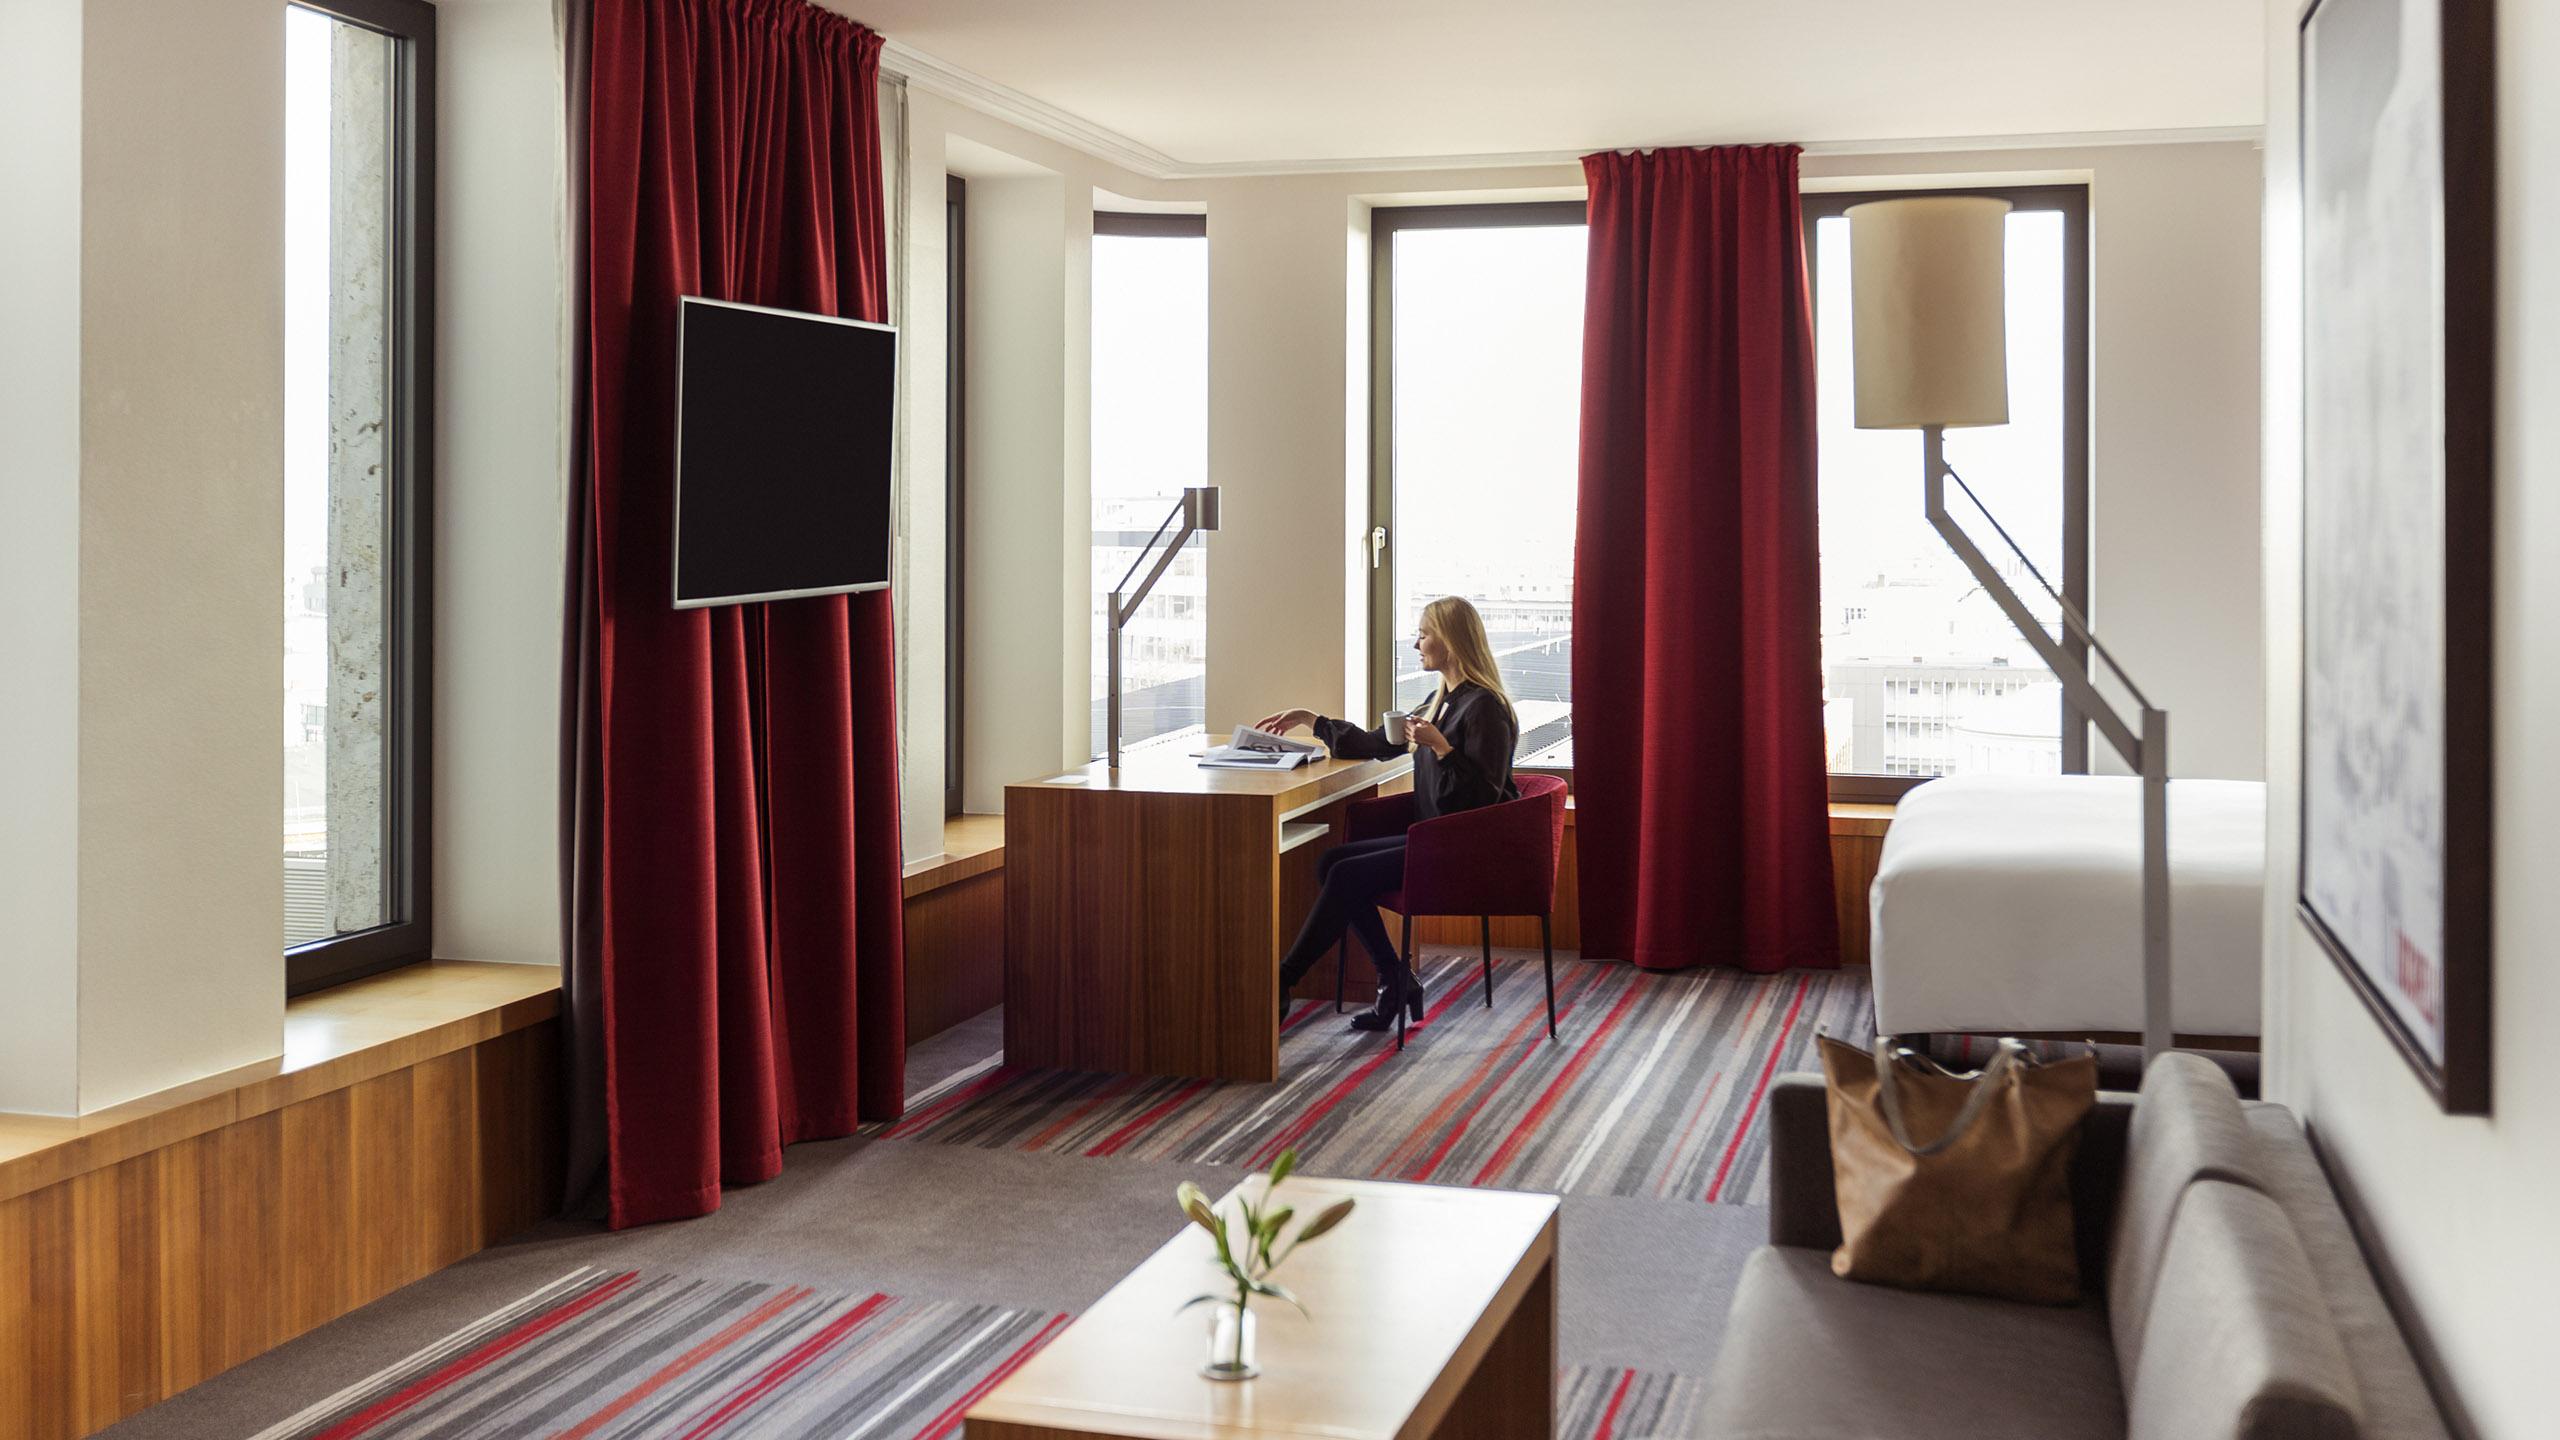 Luxushotel berlin u2013 sofitel berlin kurfürstendamm